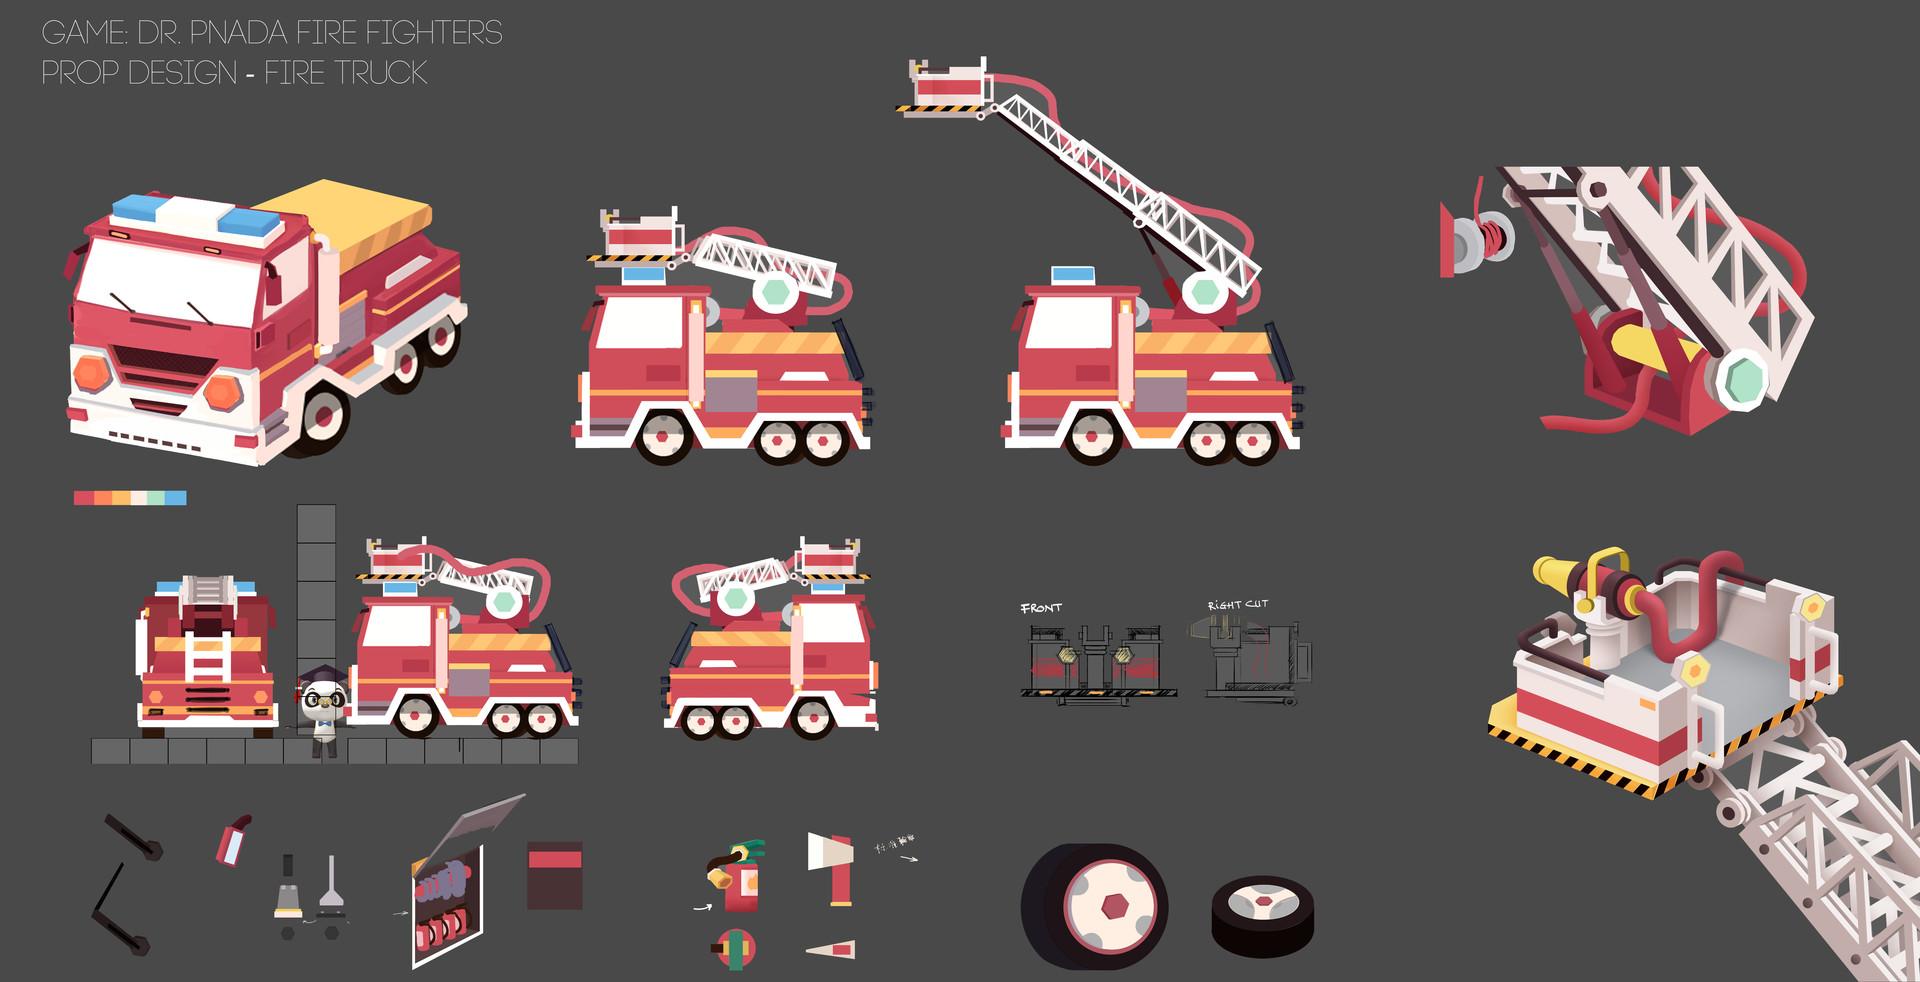 Thu phan artstation firetruck